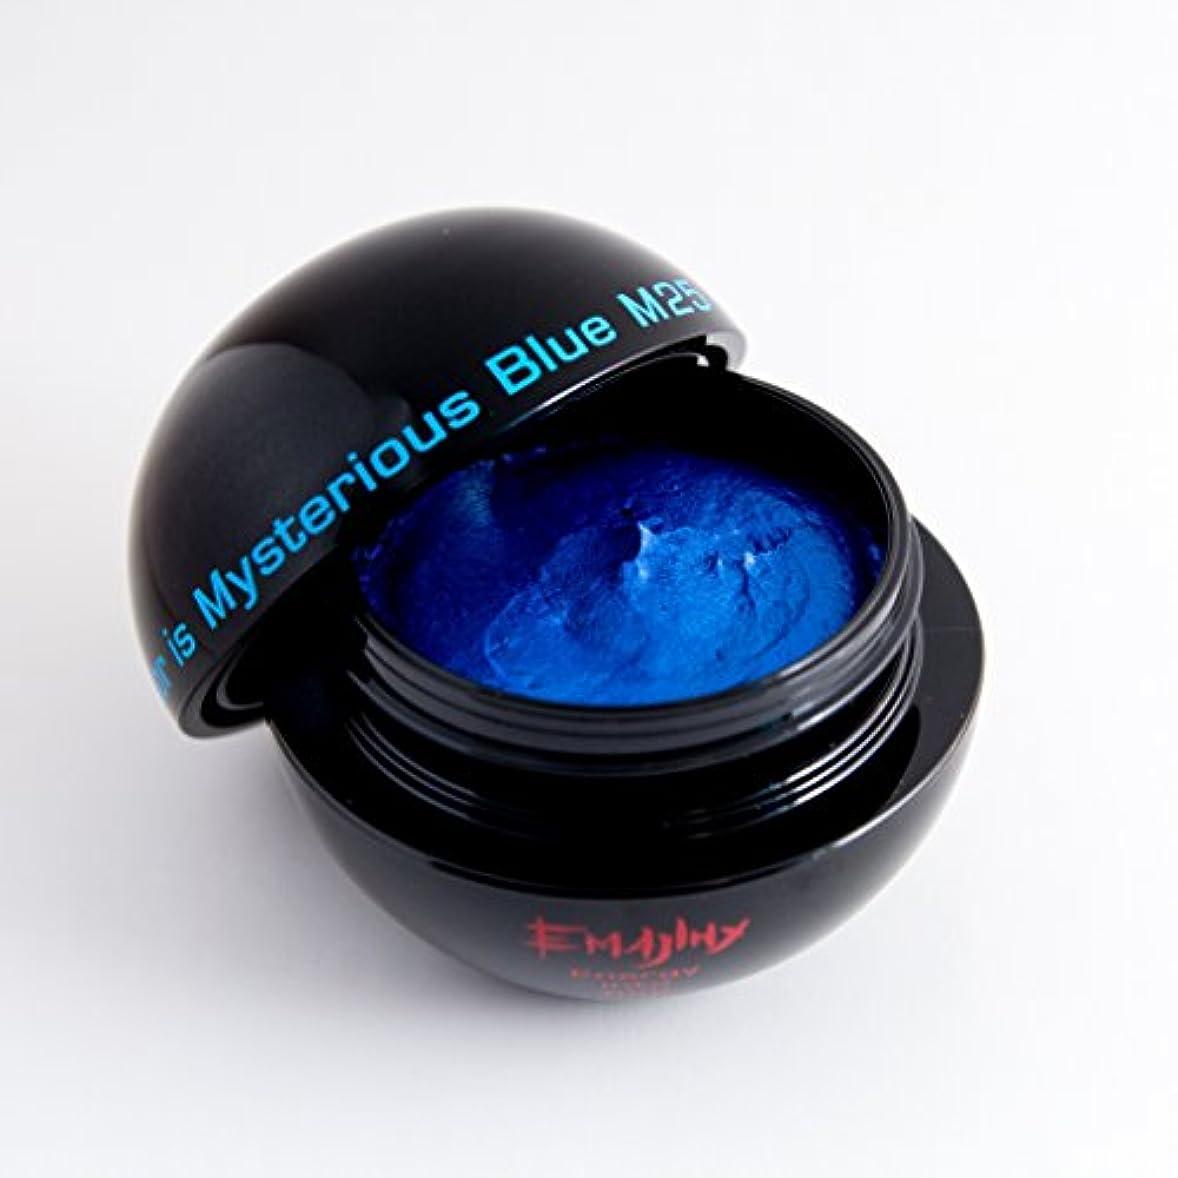 何でも値する詩EMAJINY Mysterious Blue M25(ブルーヘアカラーワックス)青【日本製】【無香料】